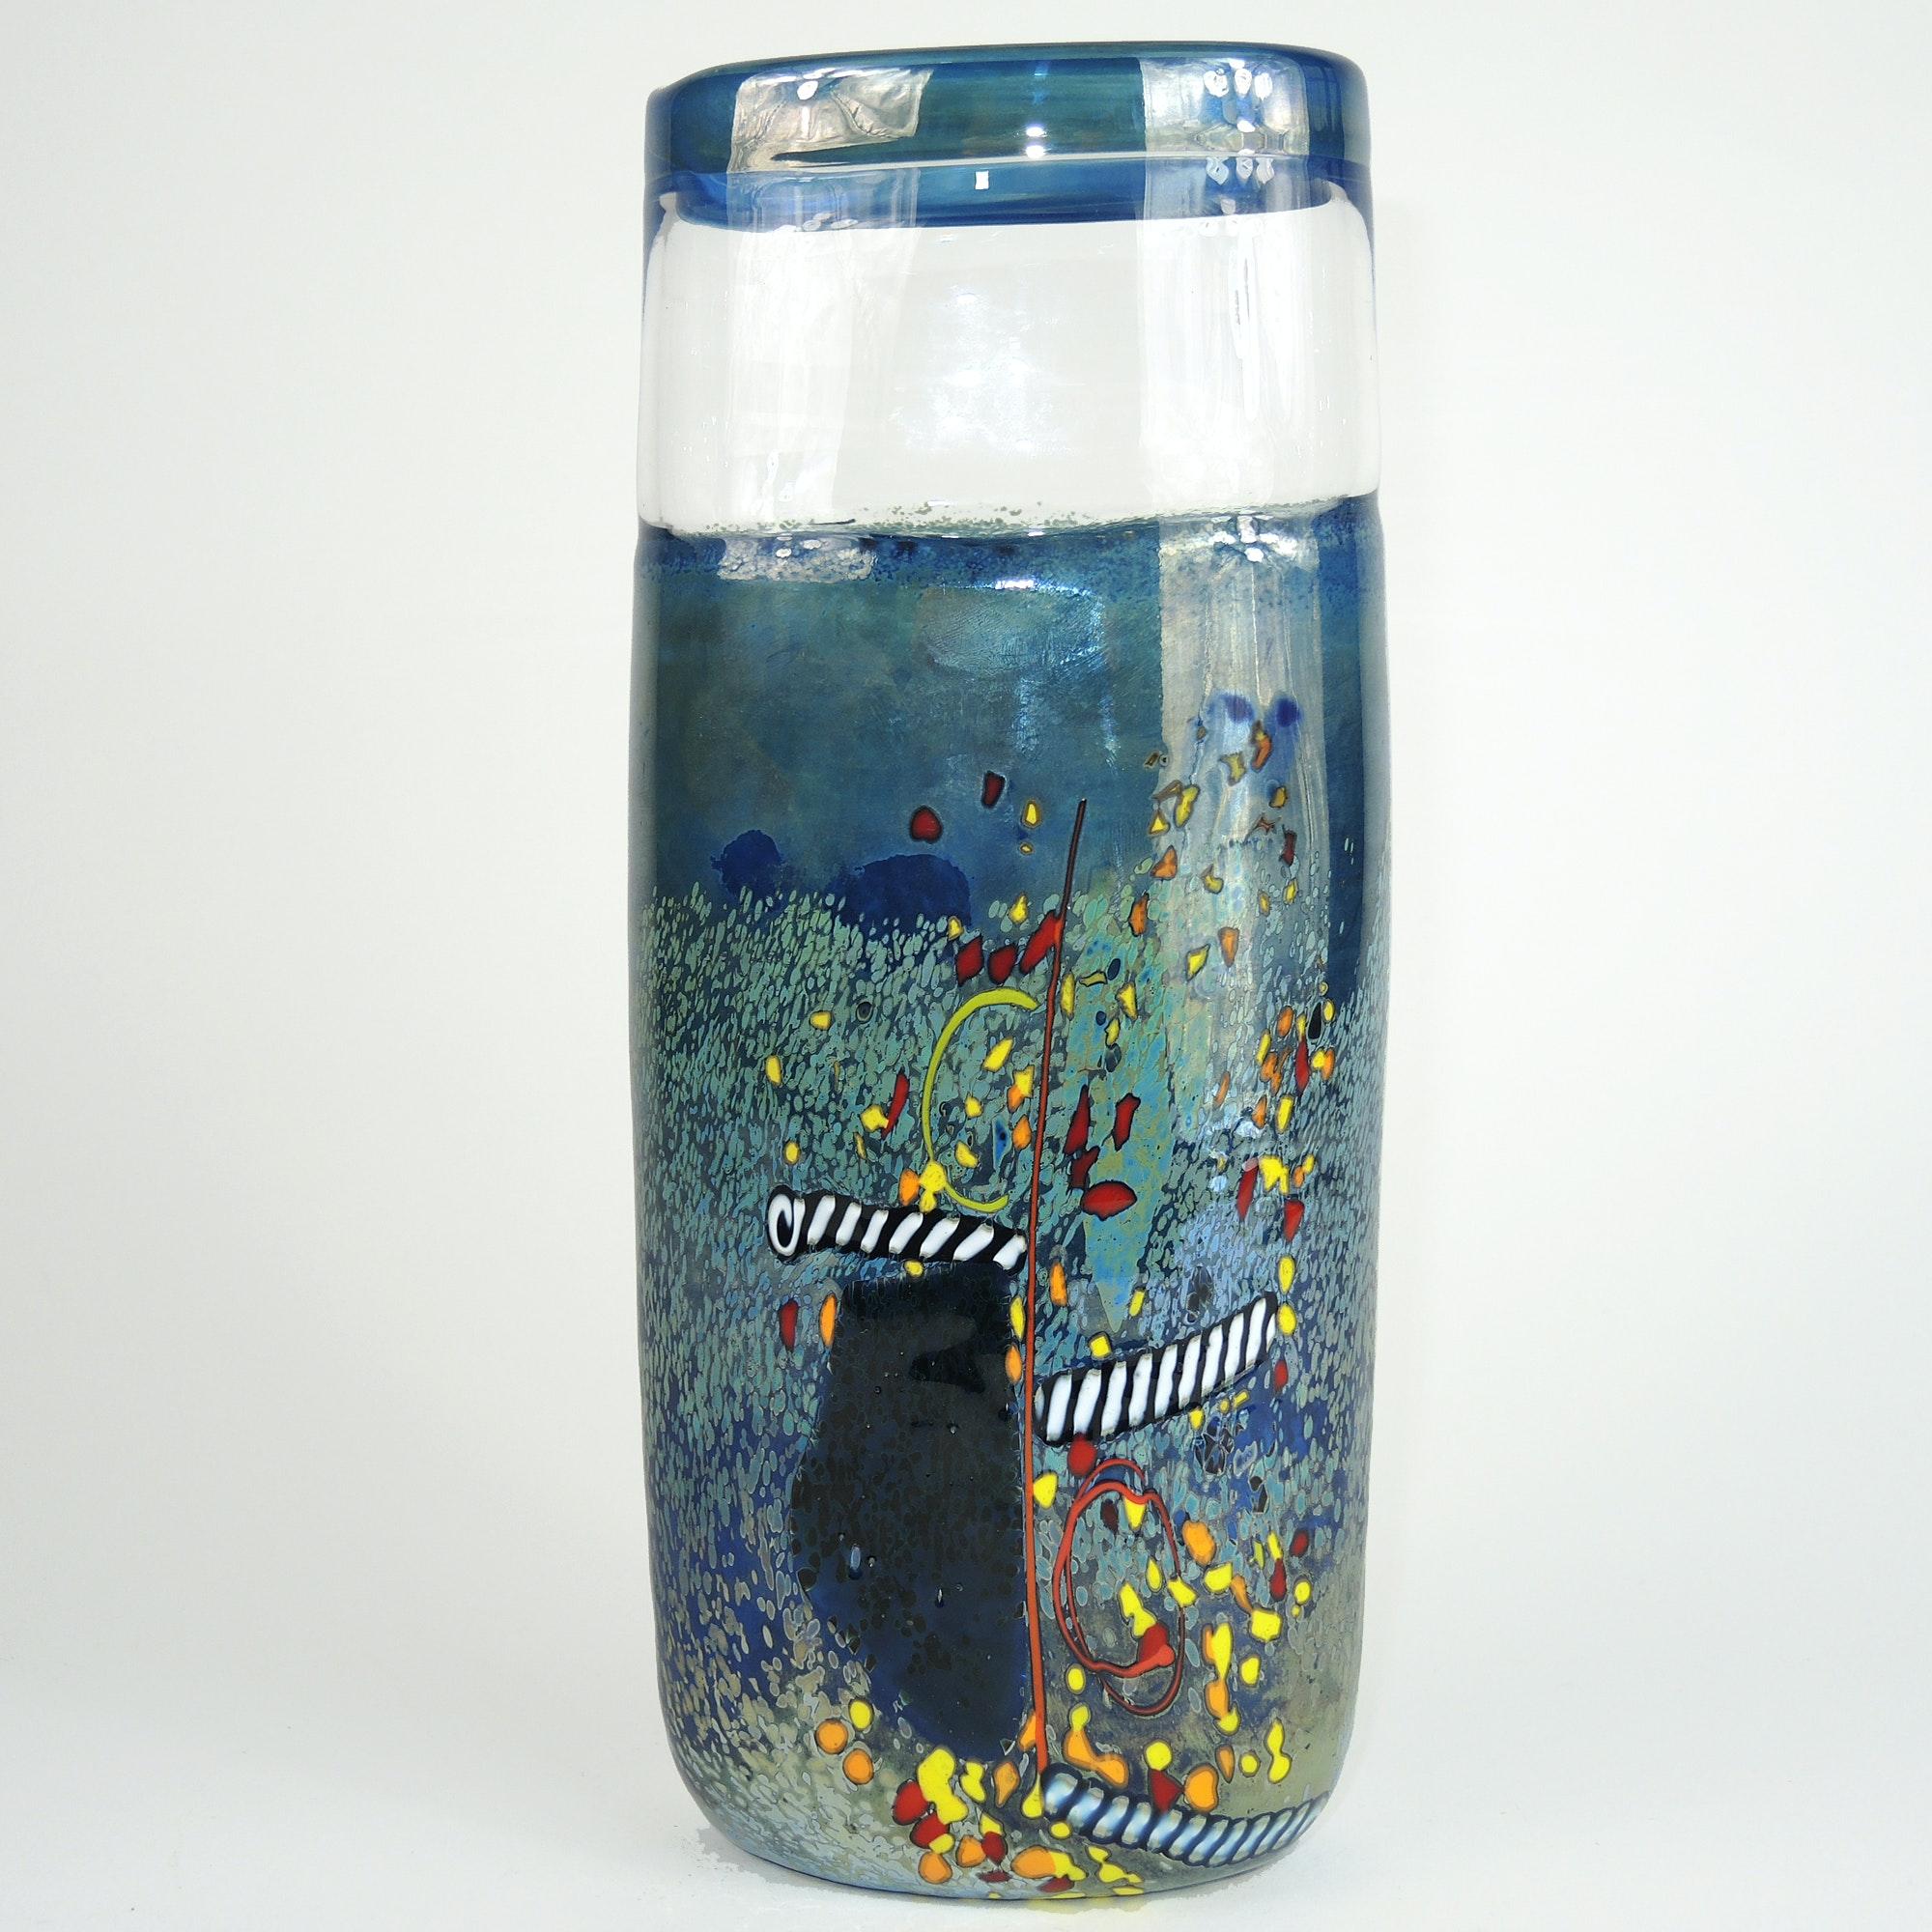 Signed Bertil Vallien Kosta Boda Art Glass Vase